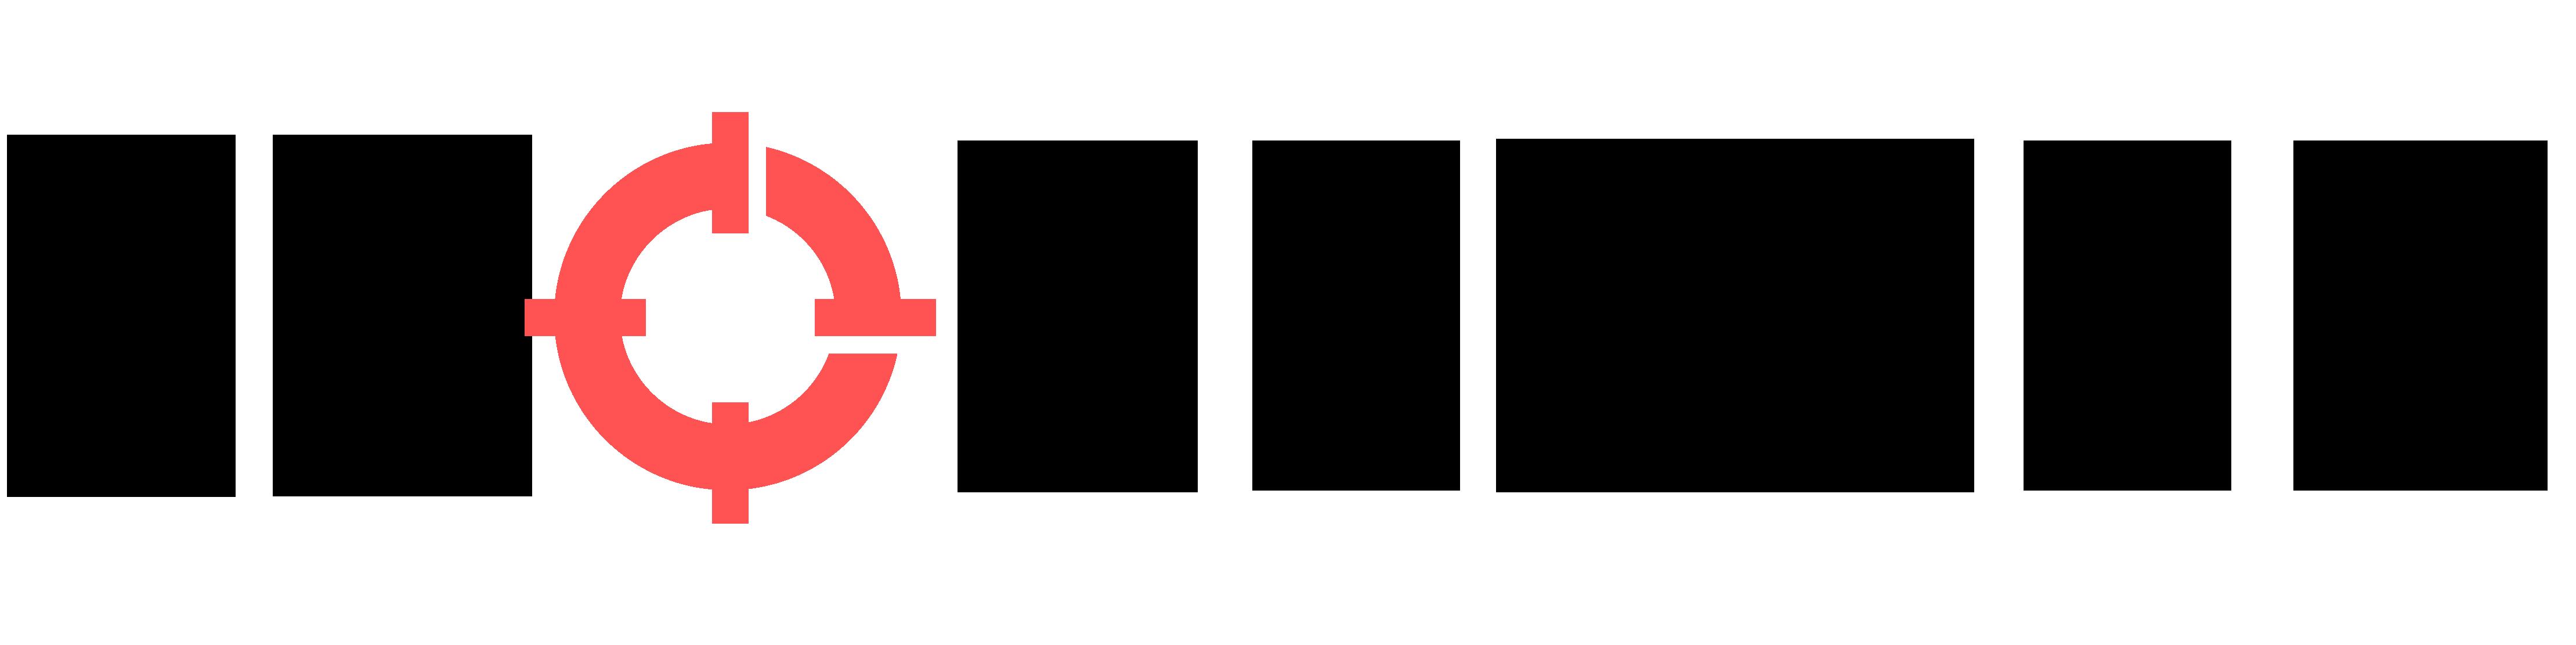 scopeweb.nl logo